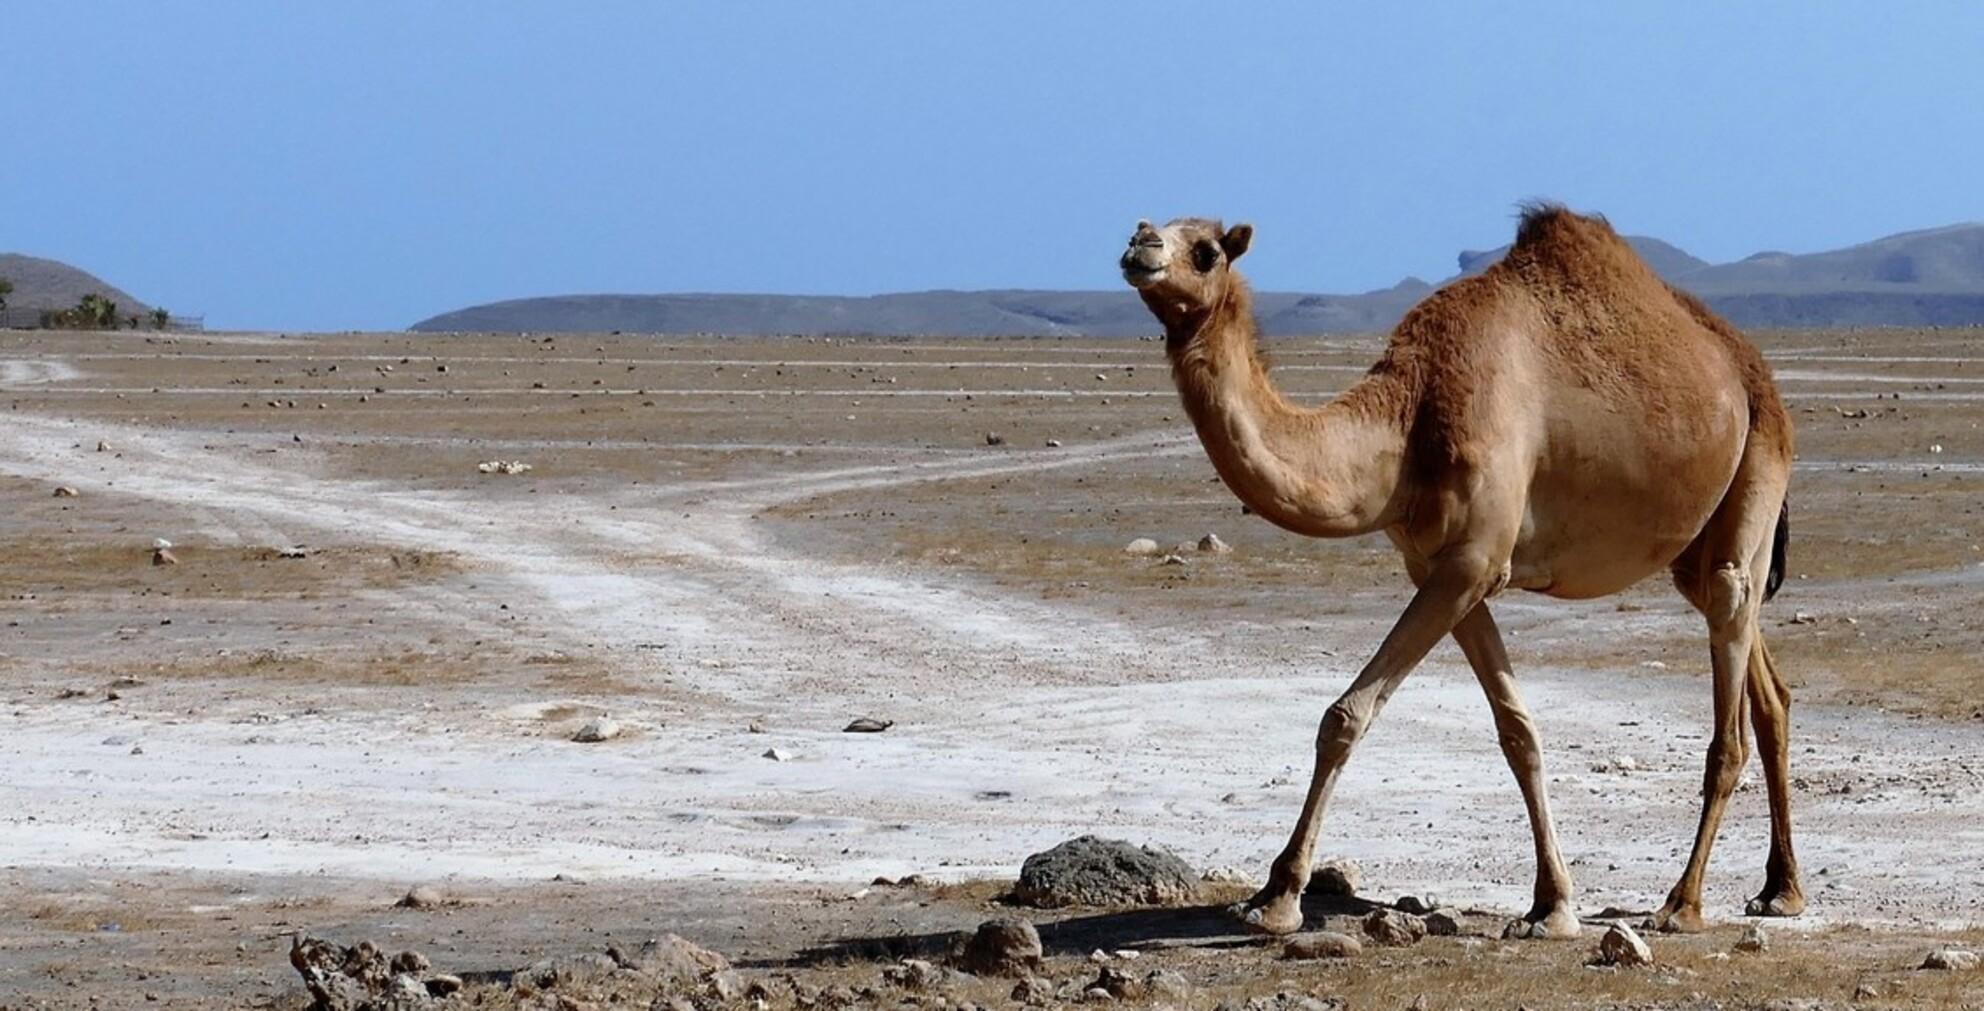 wilde dromedaris in VAE - deze dromedaris in het wild kwamen we met mazzel tegen in de woestijn.... - foto door jh- op 01-03-2021 - deze foto bevat: zon, natuur, dieren, landschap, bergen, wildlife, woestijn, reisfotografie - Deze foto mag gebruikt worden in een Zoom.nl publicatie